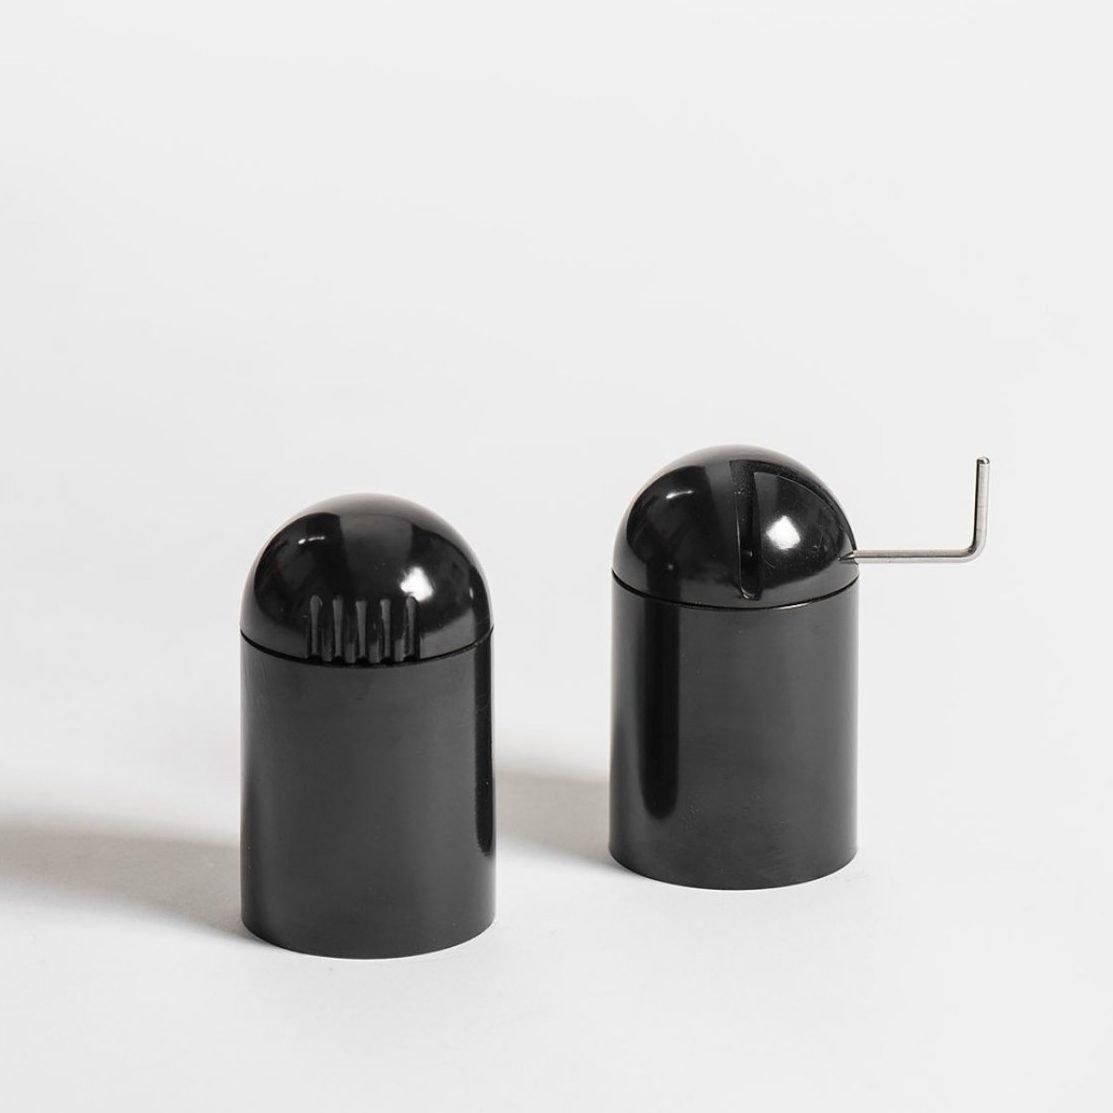 Salt shaker & Pepper grinder by Danese designed by Enzo Mari2